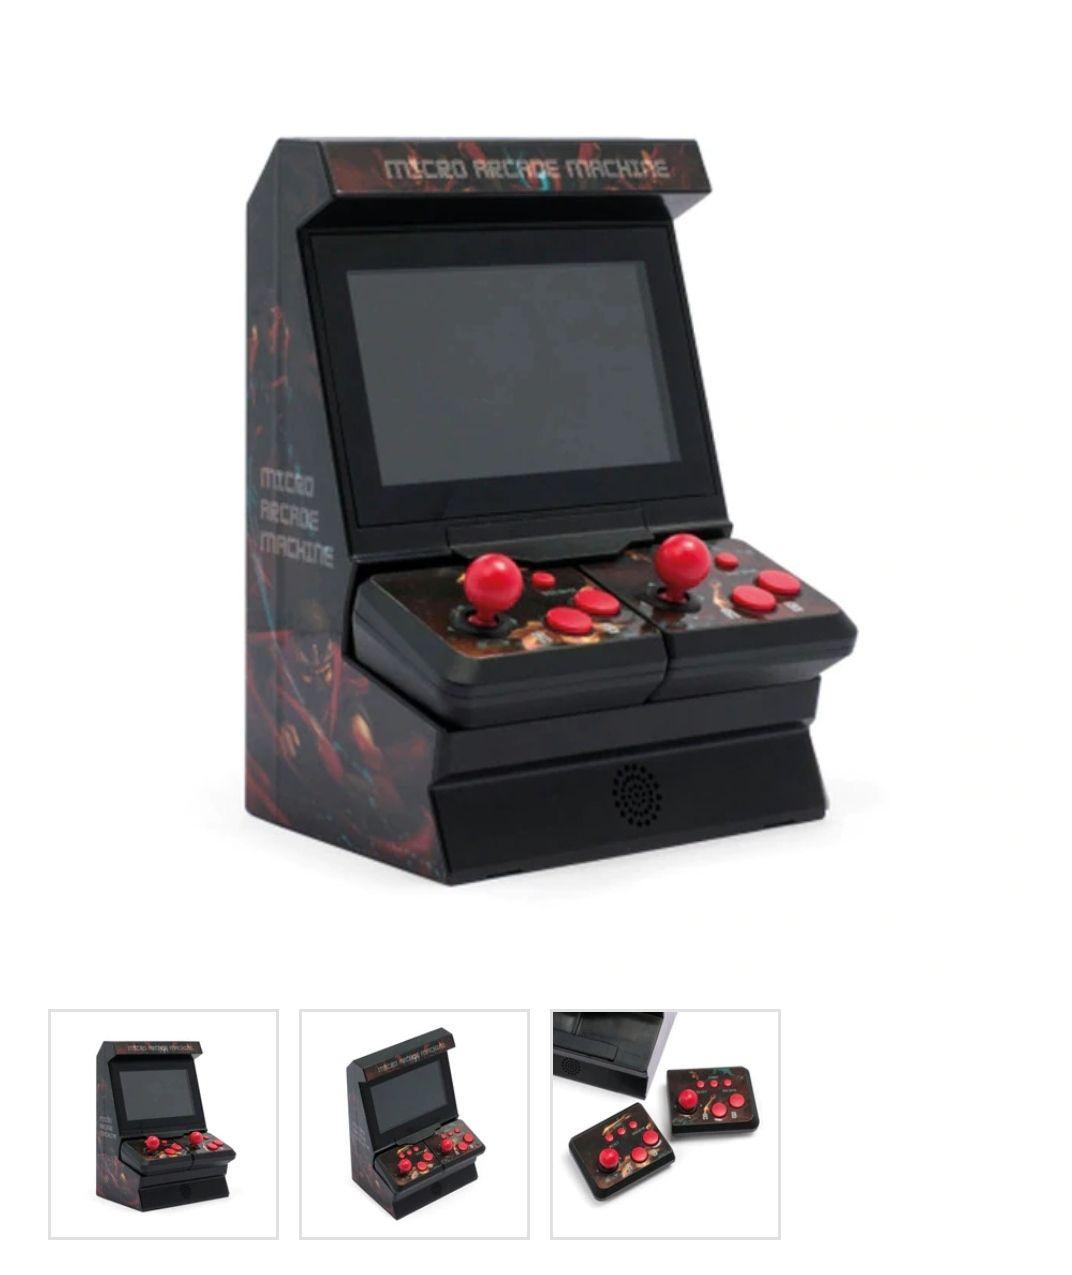 Arcade Machine 240 juegos 2 players (Mandos a distancia)